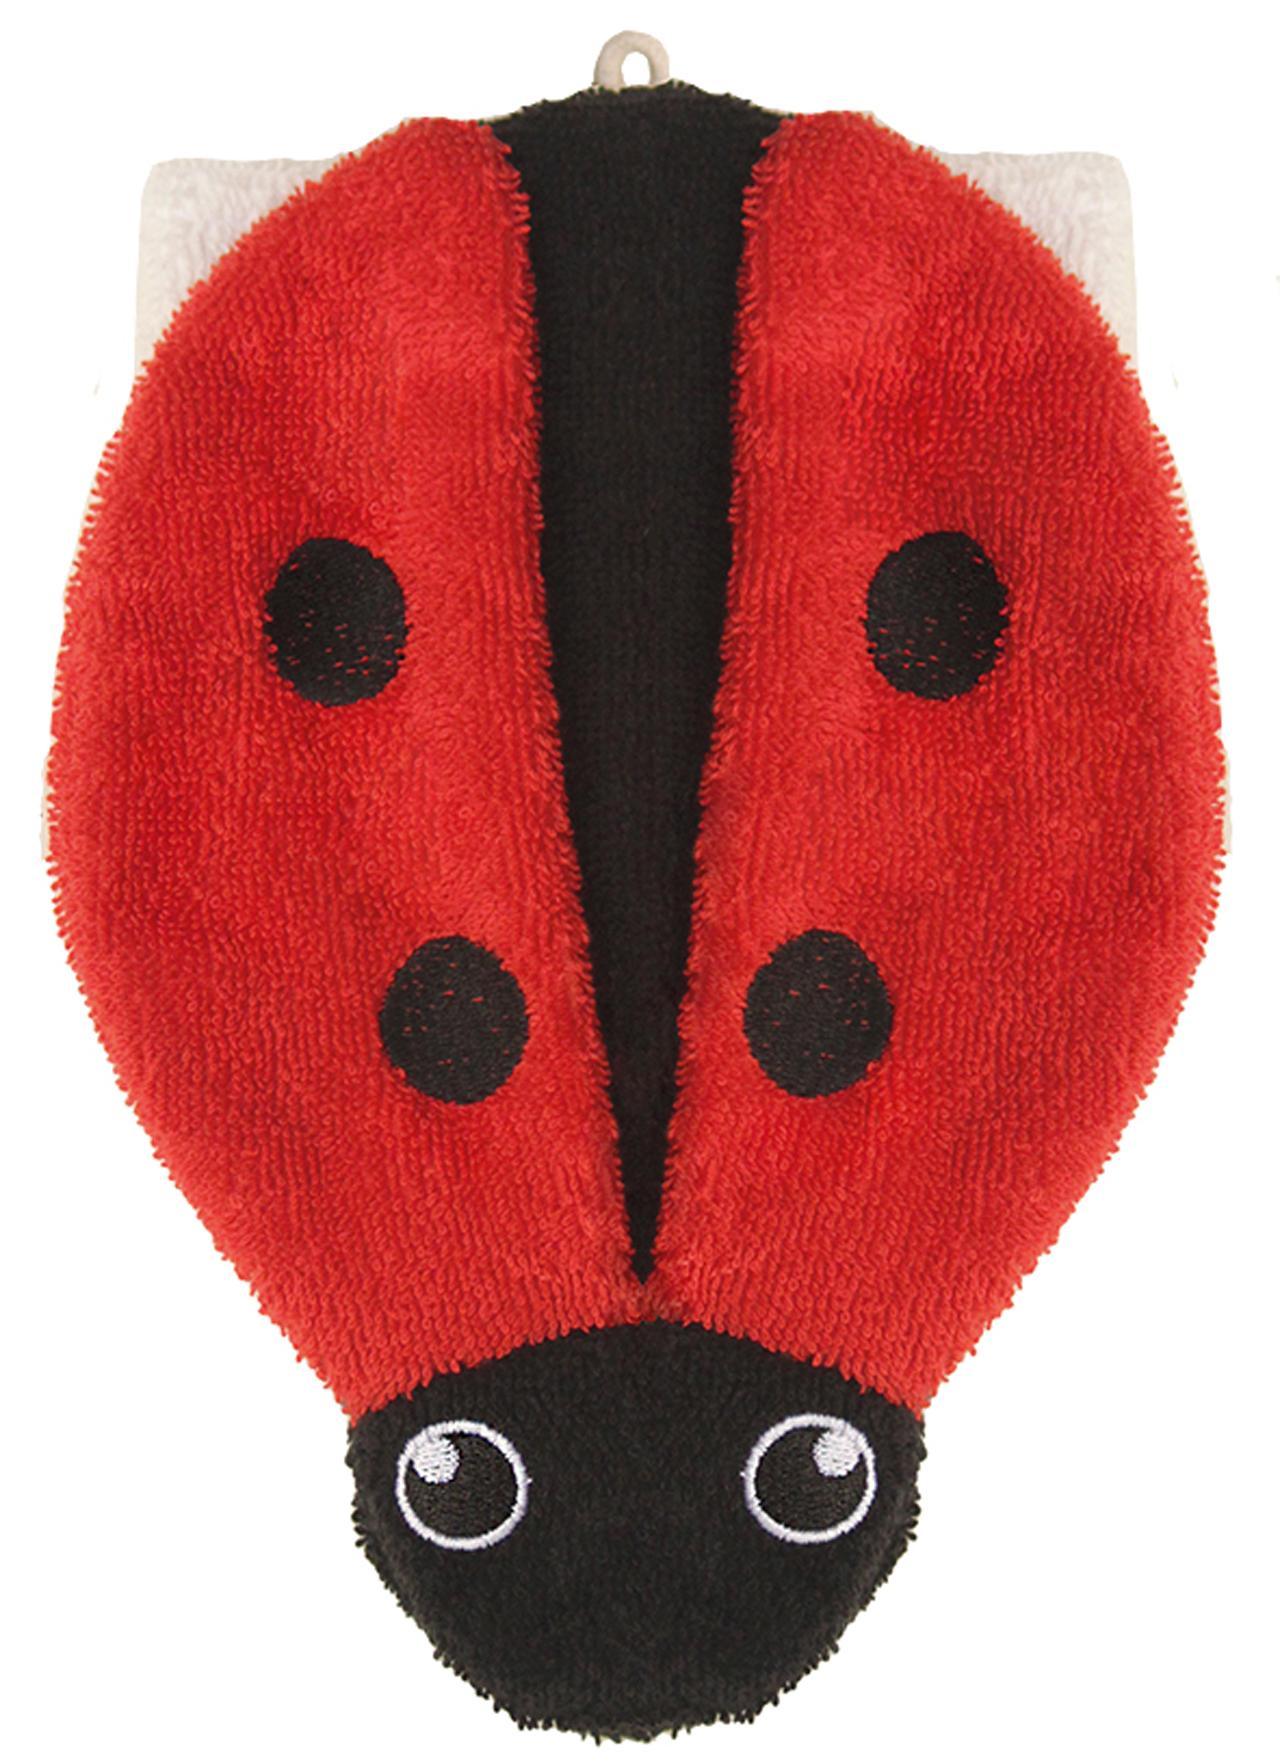 Fürnis Tier-Waschlappen Maus Bio-Baumwolle - zuckerfrei | Kids Concept Store